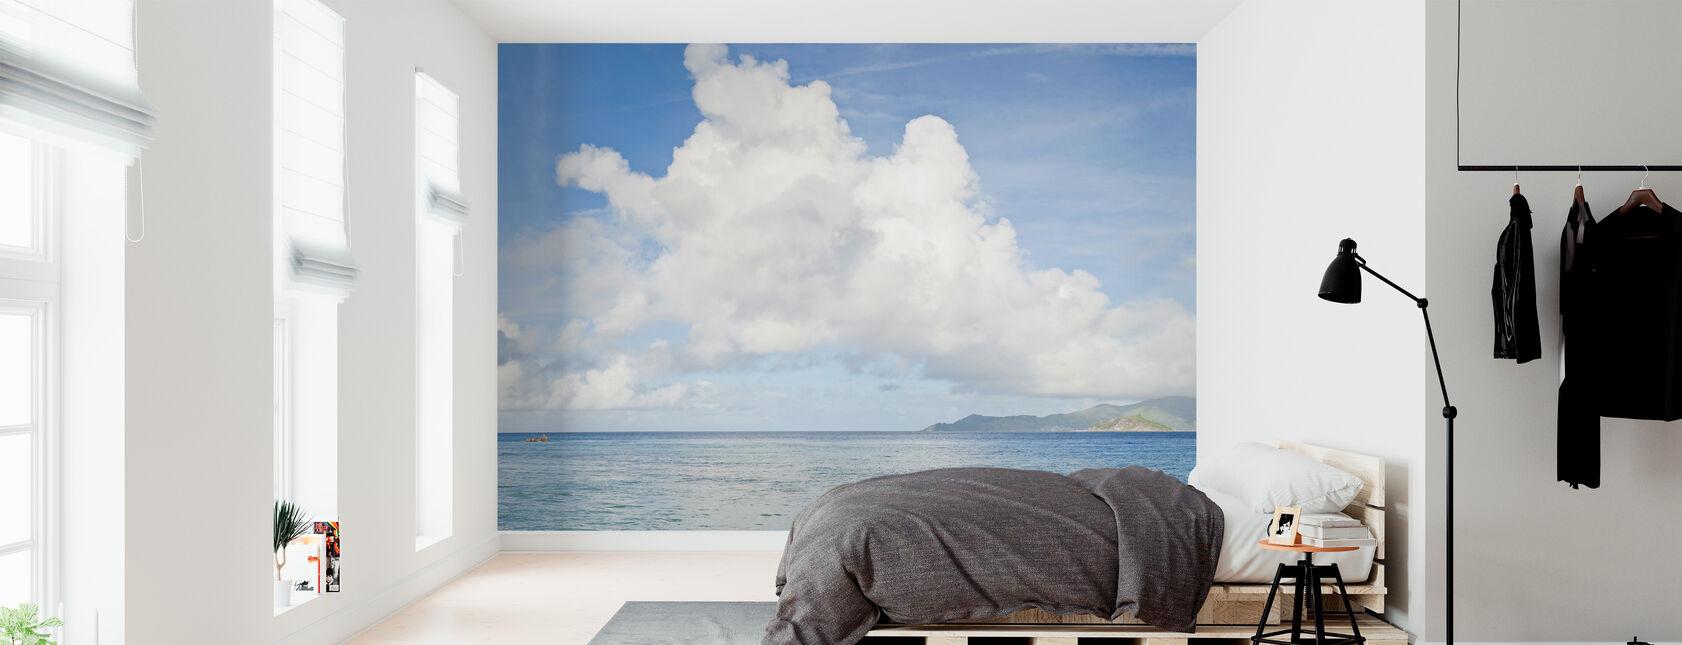 Tropical Panorama - Wallpaper - Bedroom